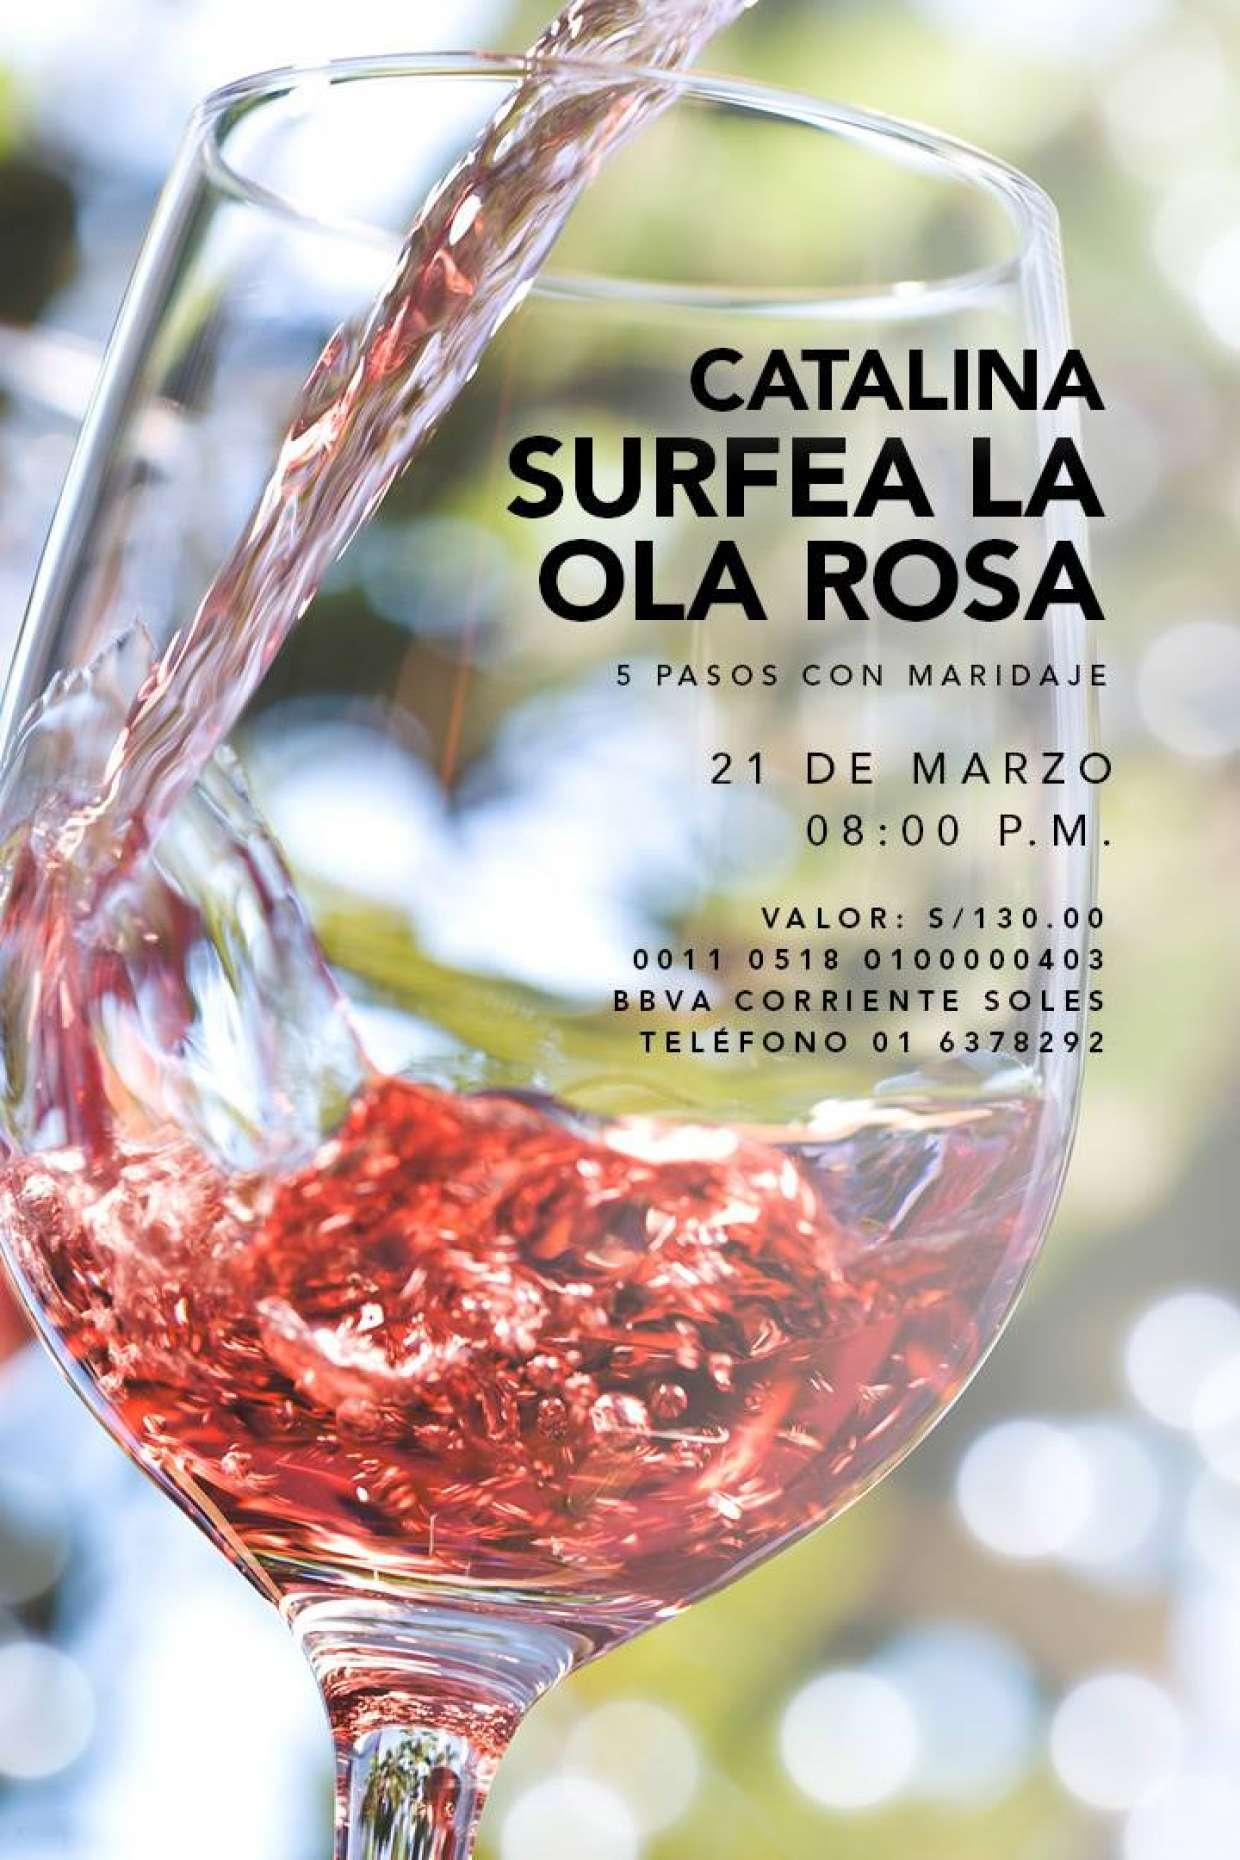 La Ola Rosa de Catalina